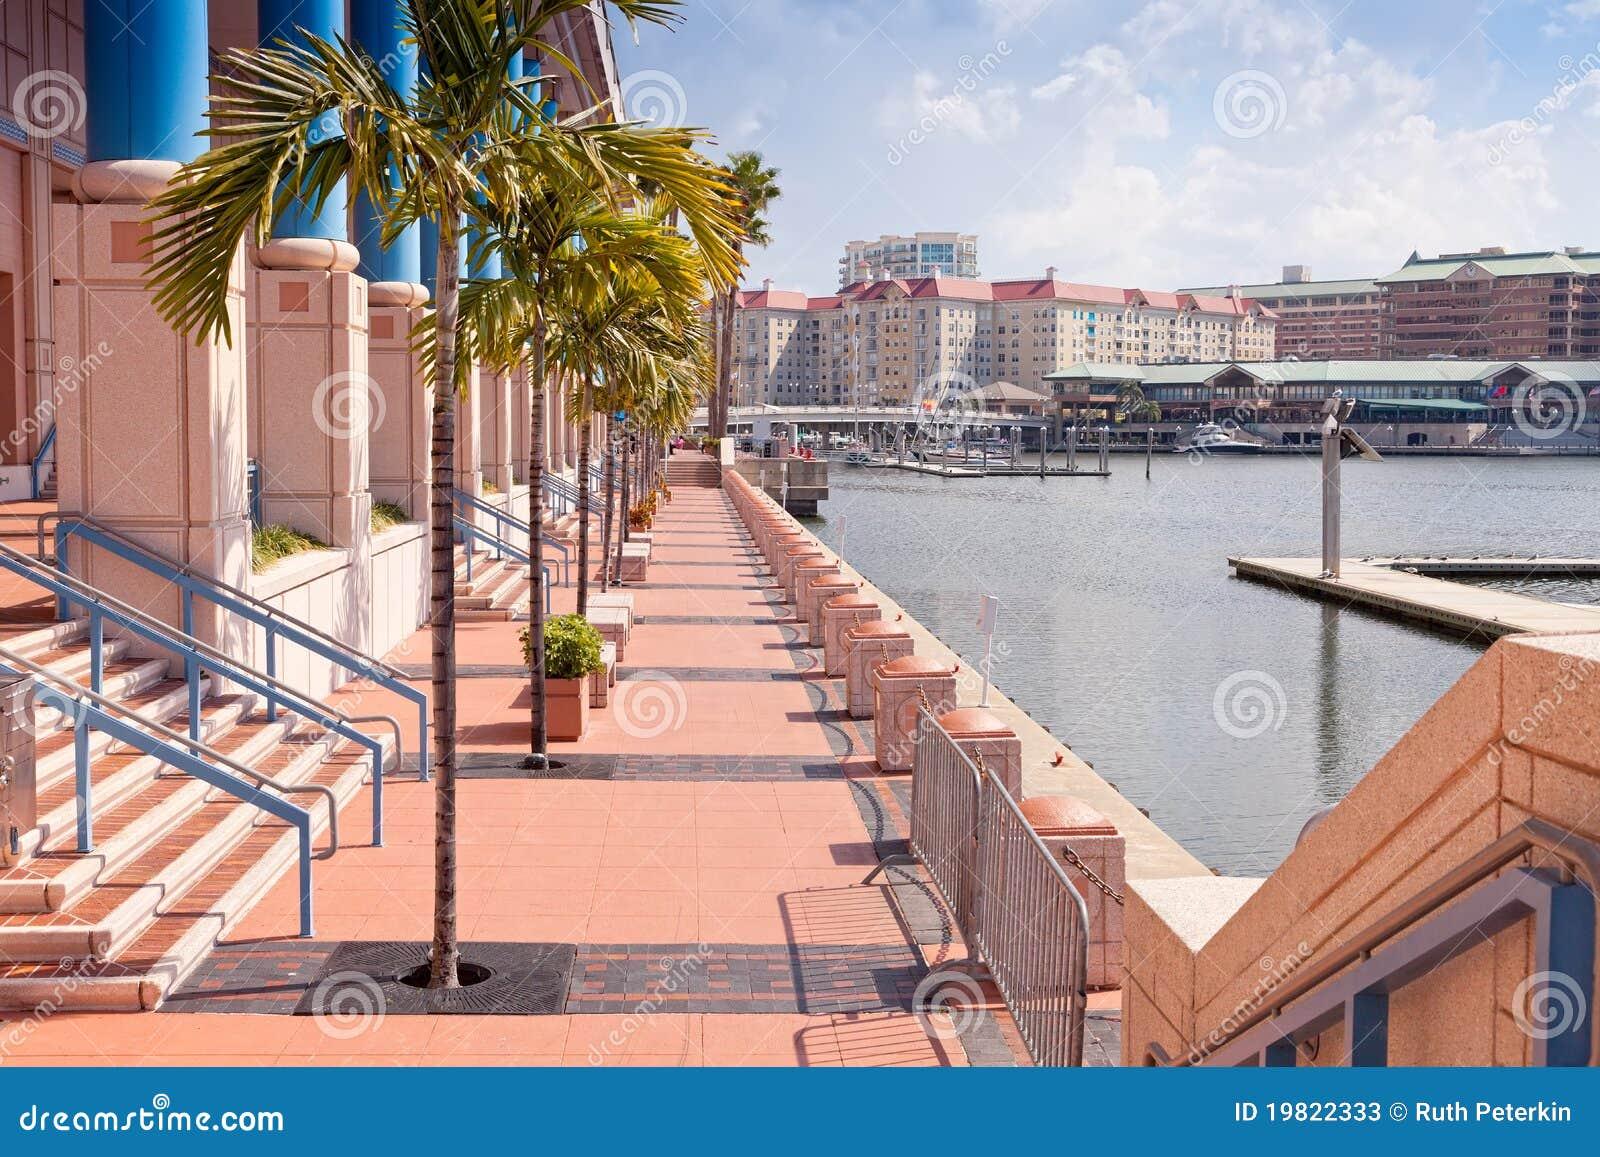 Convención céntrica de Tampa